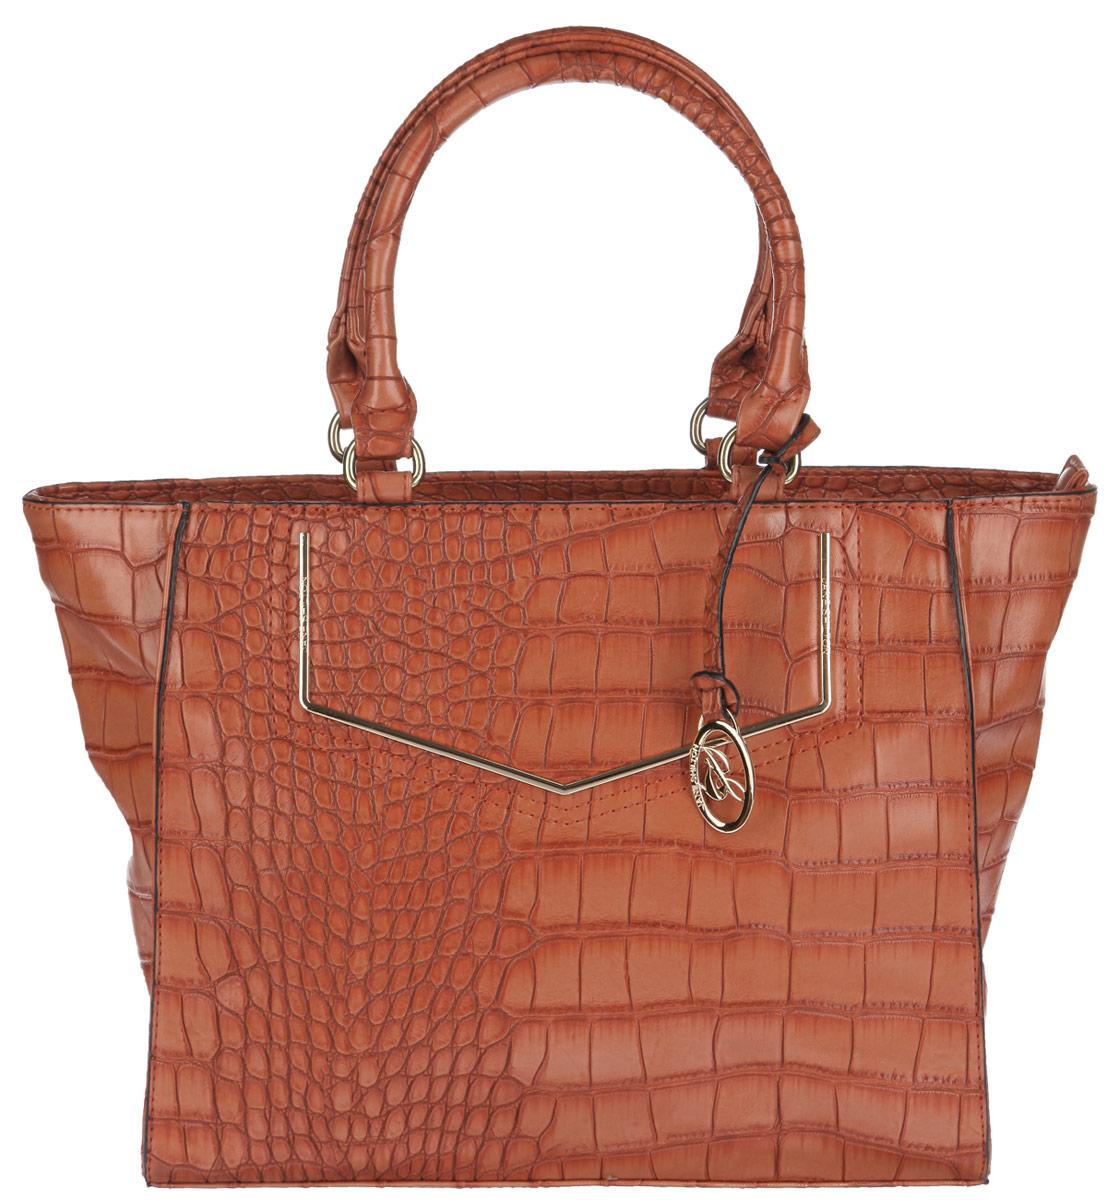 Сумка женская Jane Shilton, цвет: темно-оранжевый. 19401940orangeСтильная женская сумка Jane Shilton выполнена из искусственной кожи с тиснением под рептилию. Изделие имеет одно основное отделение, разделенное пополам карманом-средником на застежке-молнии. Внутри имеется прорезной кармашек на застежке-молнии и открытый пришивной карман. Снаружи на задней стенке располагается прорезной карман на застежке-молнии. Изделие закрывается на застежку-молнию. Модель оснащена двумя удобными ручками. Сумка украшена брелоком с логотипом бренда. Роскошная сумка внесет элегантные нотки в ваш образ и подчеркнет ваше отменное чувство стиля.